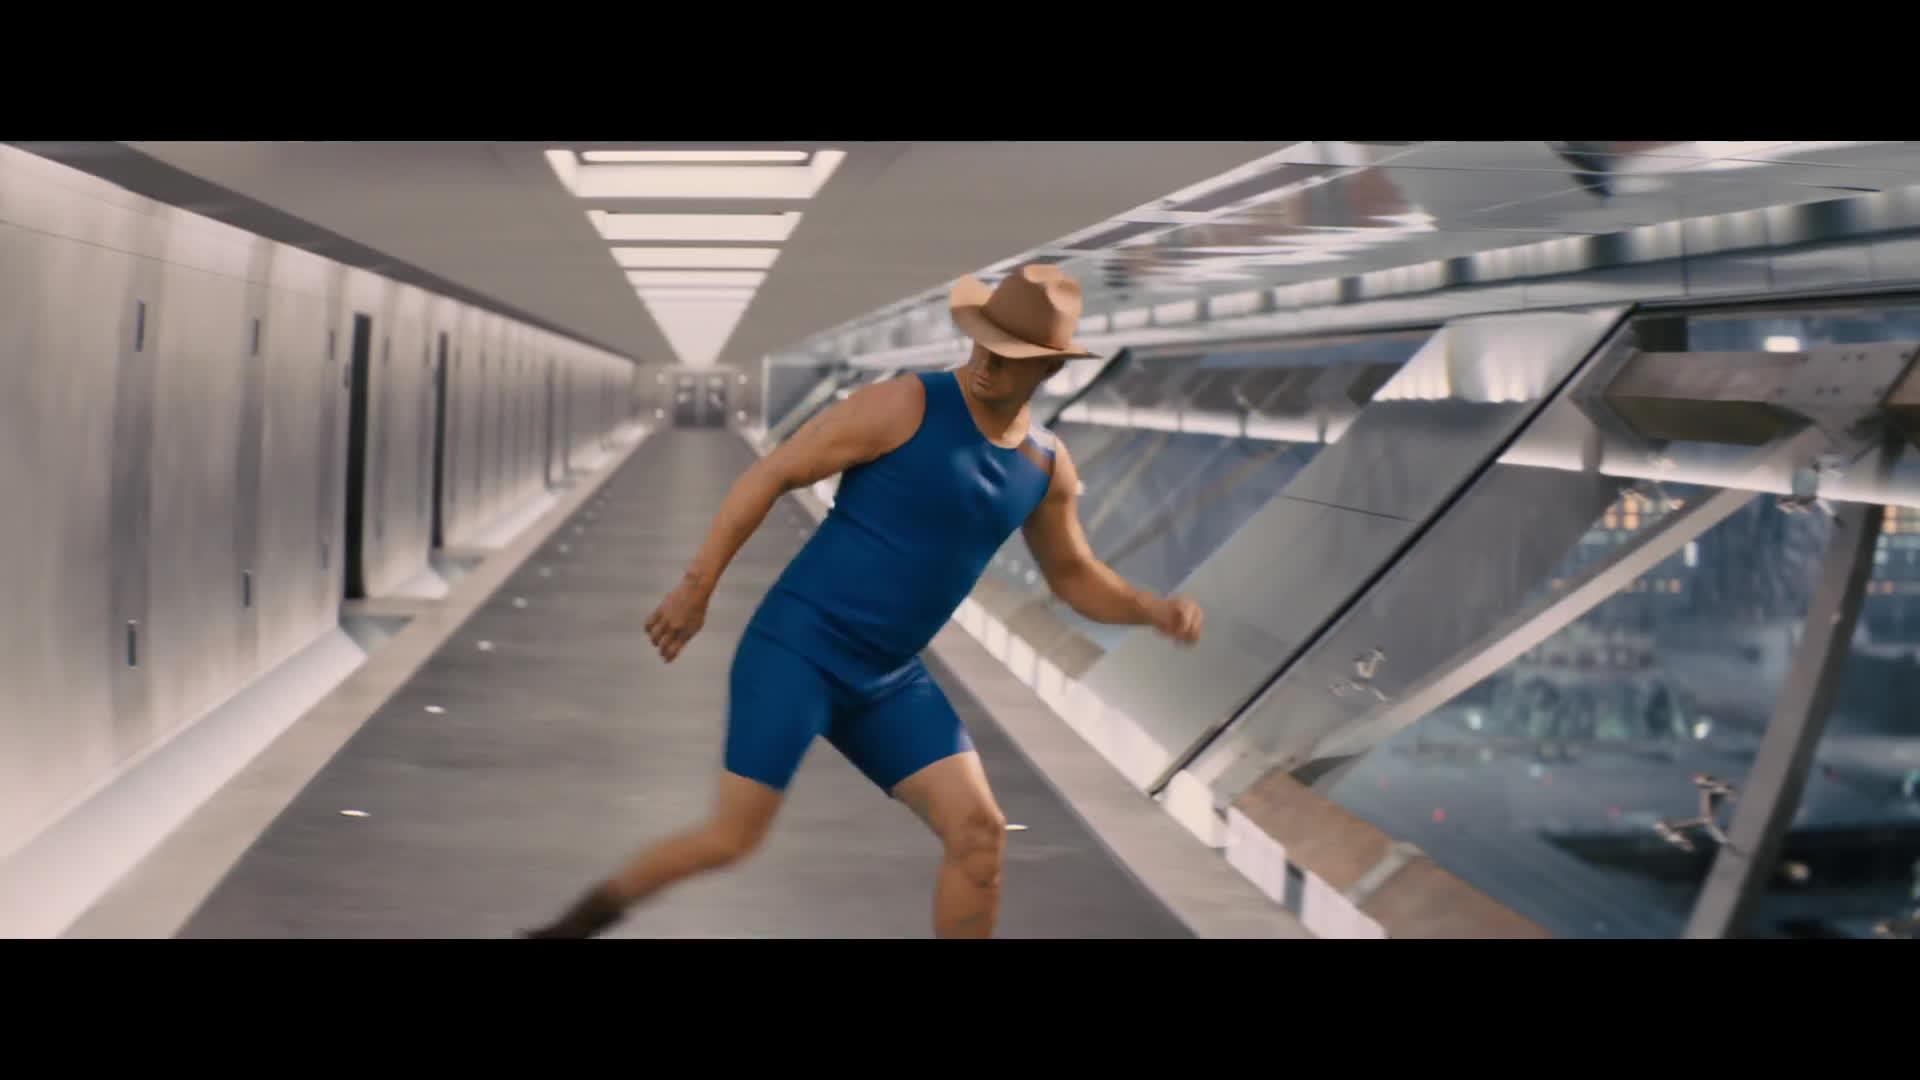 Kingsman: The Golden Circle hé lộ đoạn clip về nữ phản diện Poppy Adams trước ngày công chiếu